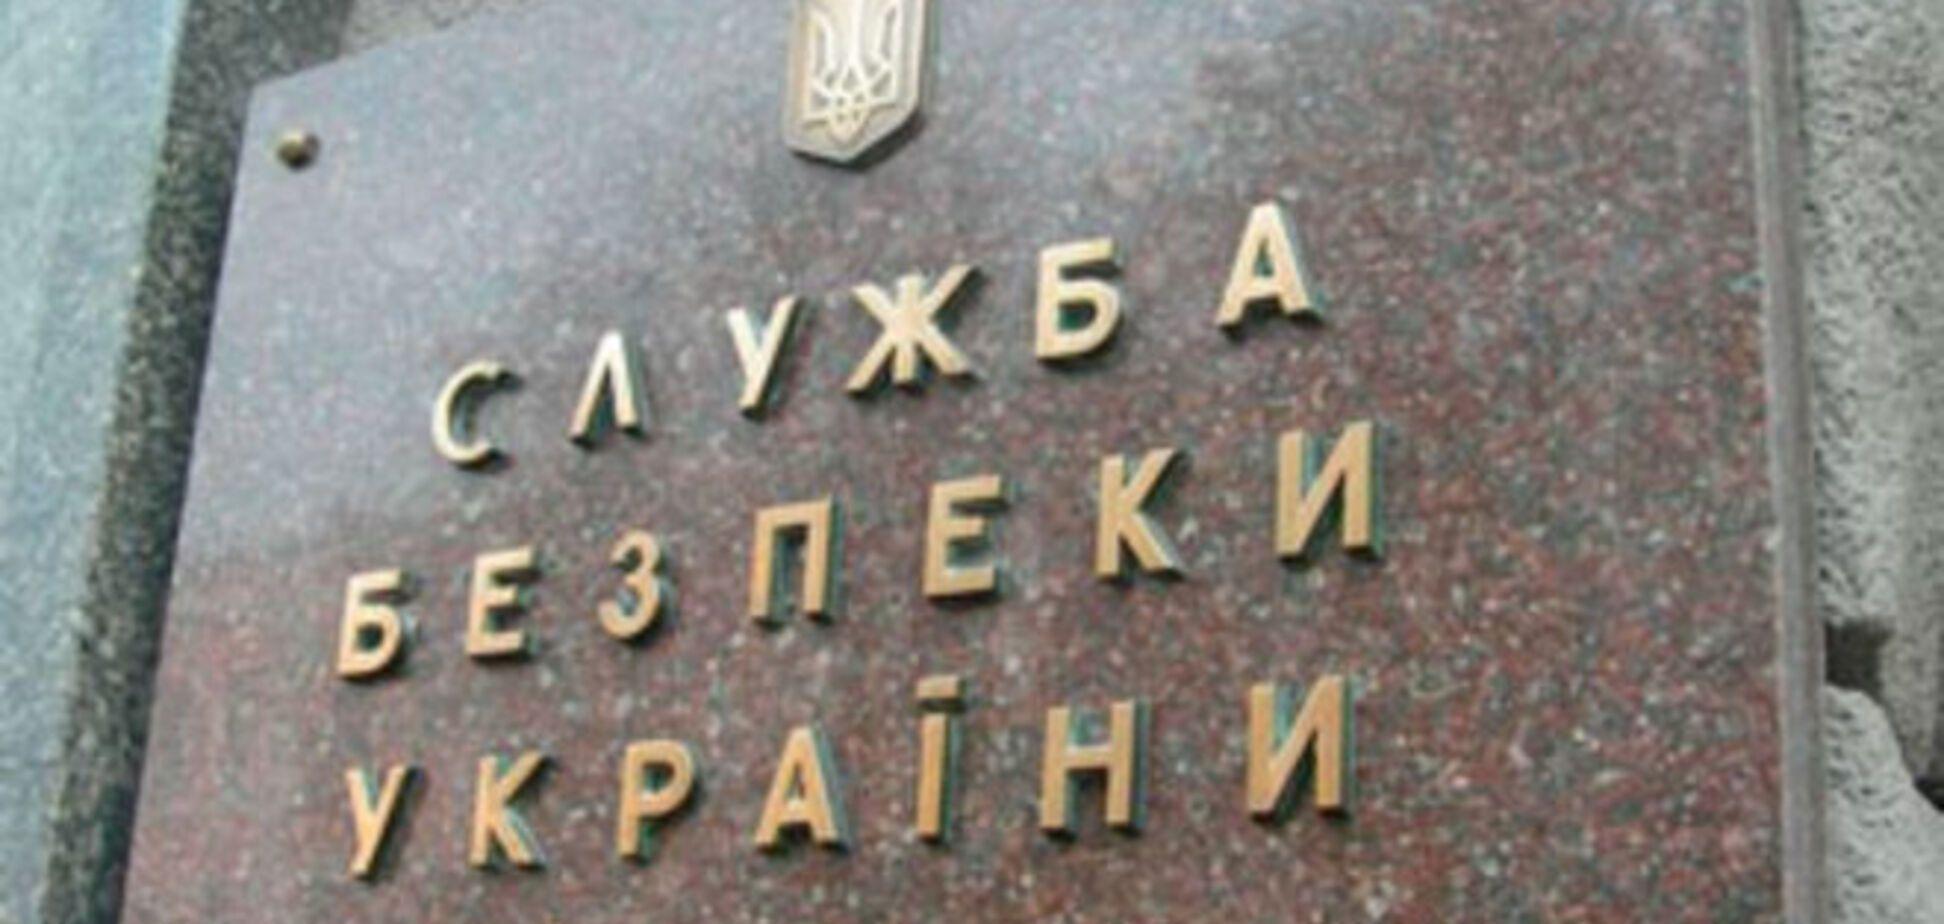 Заму самопровозглашенного мэра Славянска предъявили подозрение в терроризме